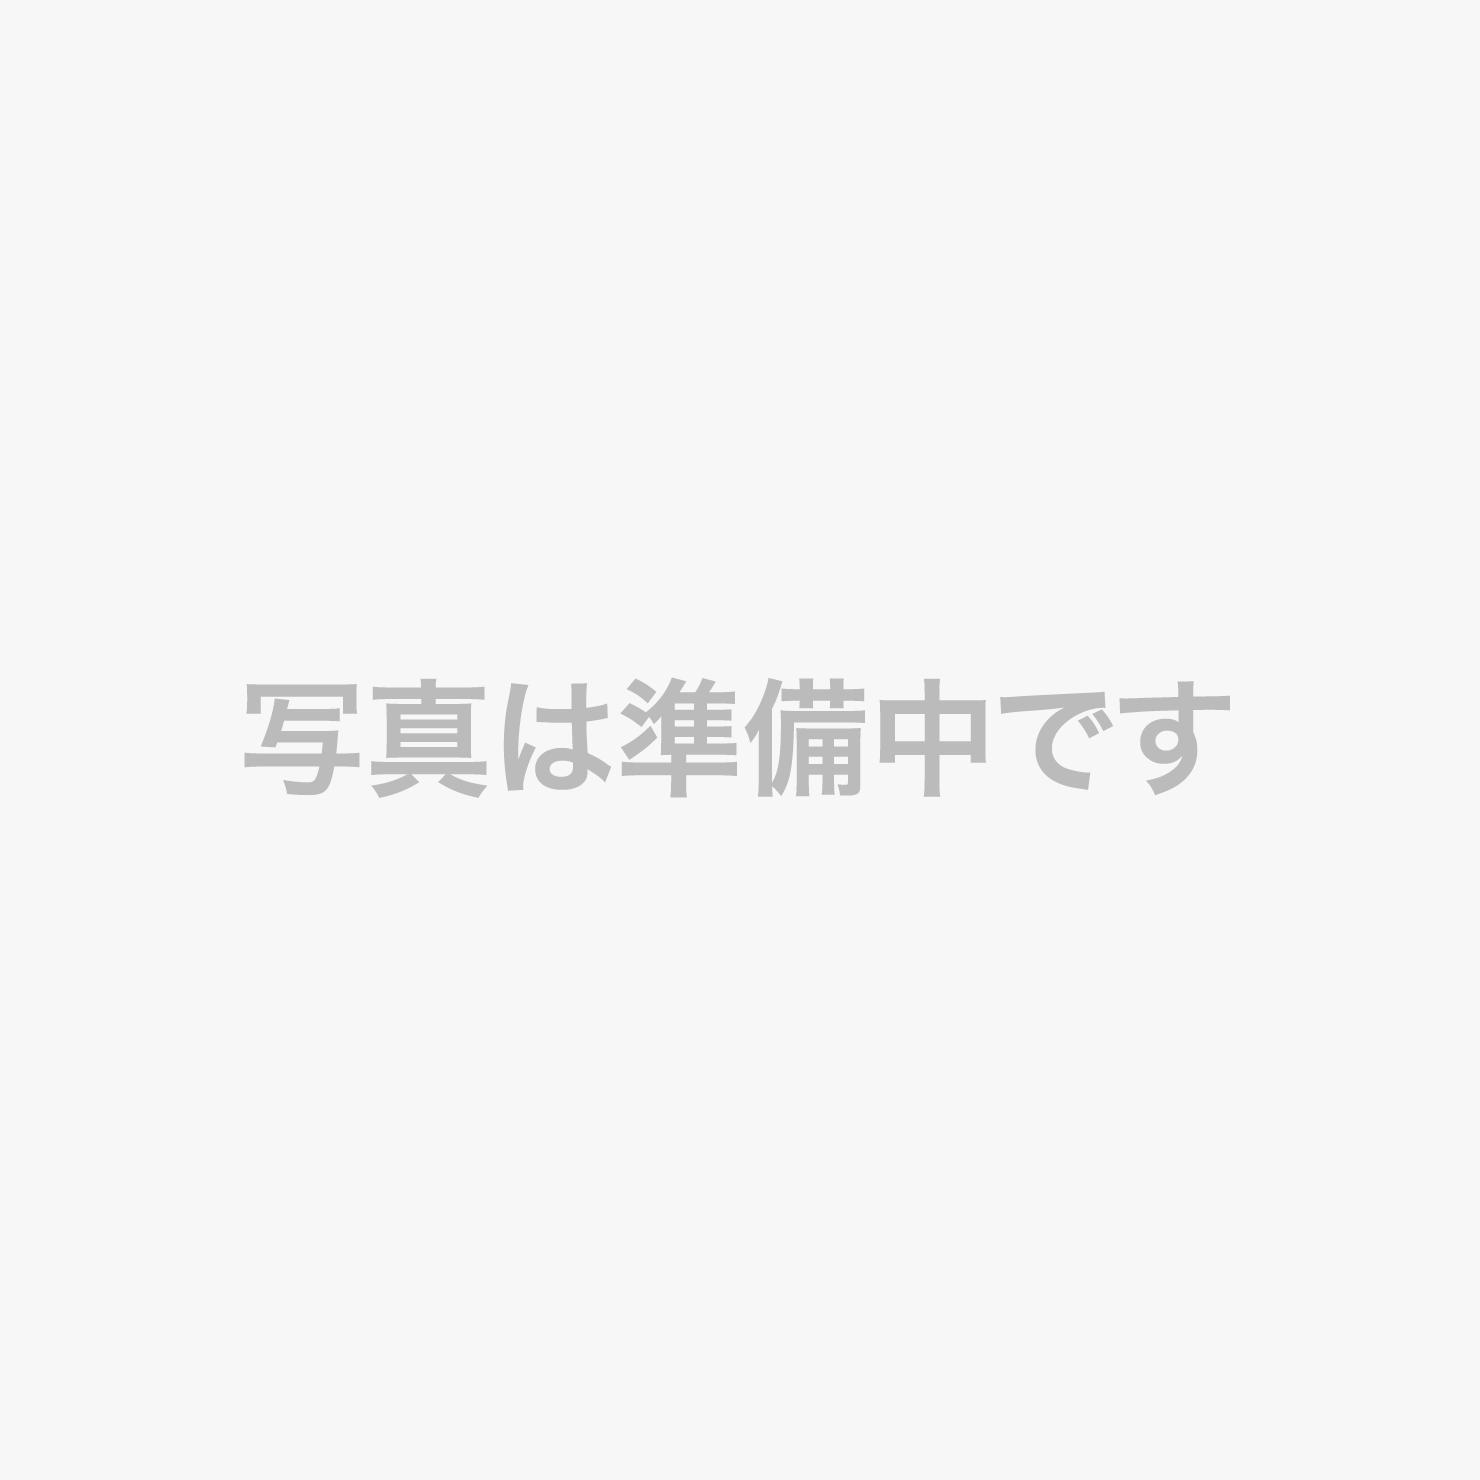 学生限定学割価格!卒業旅行♪ 飛騨牛・県豚・ずわい蟹の和食コース!